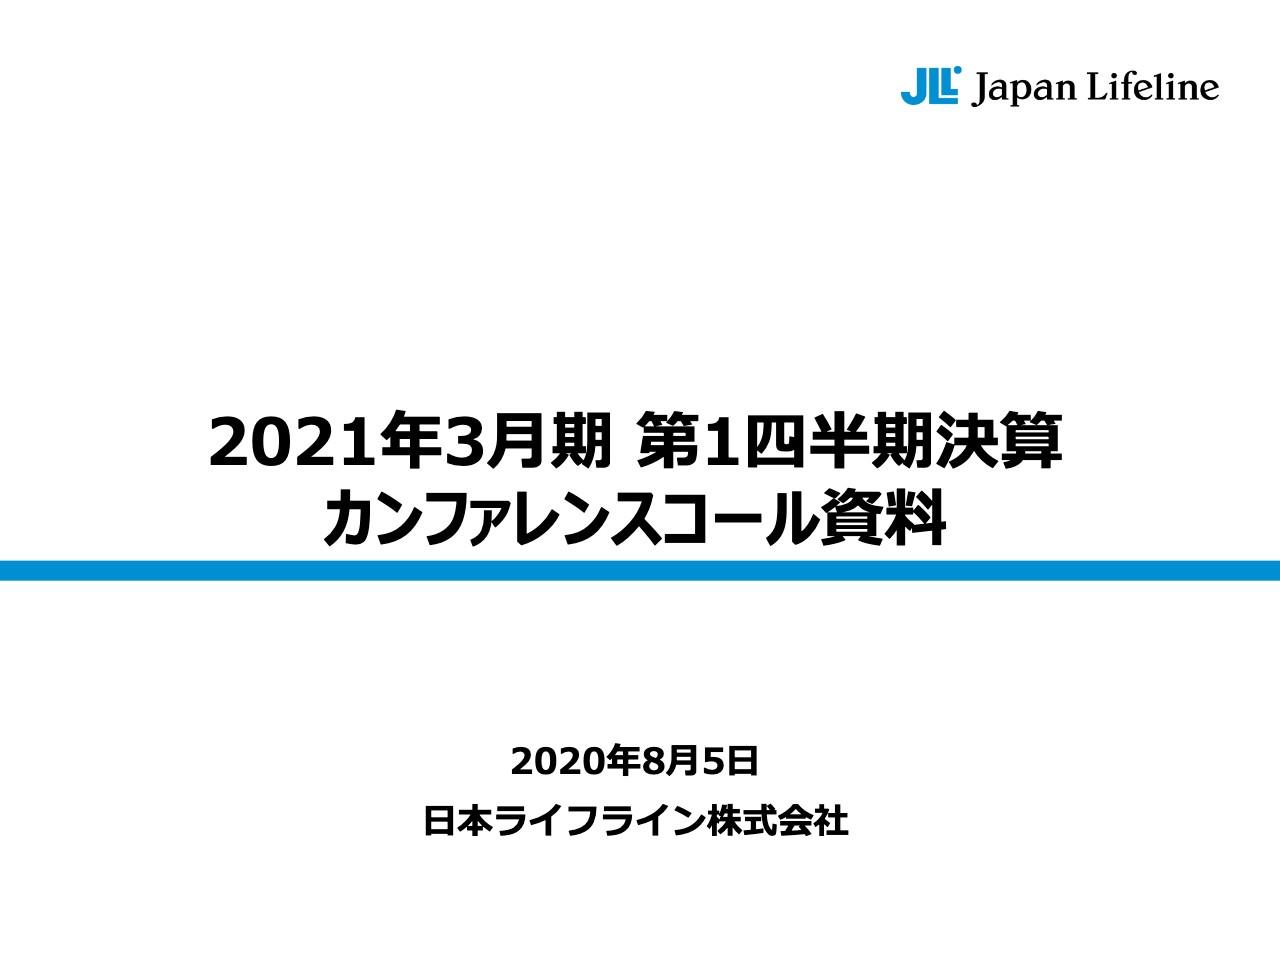 日本ライフライン、BSC社製品への変更に伴う費用が増加し1Qの営業利益は前年比32.7%減